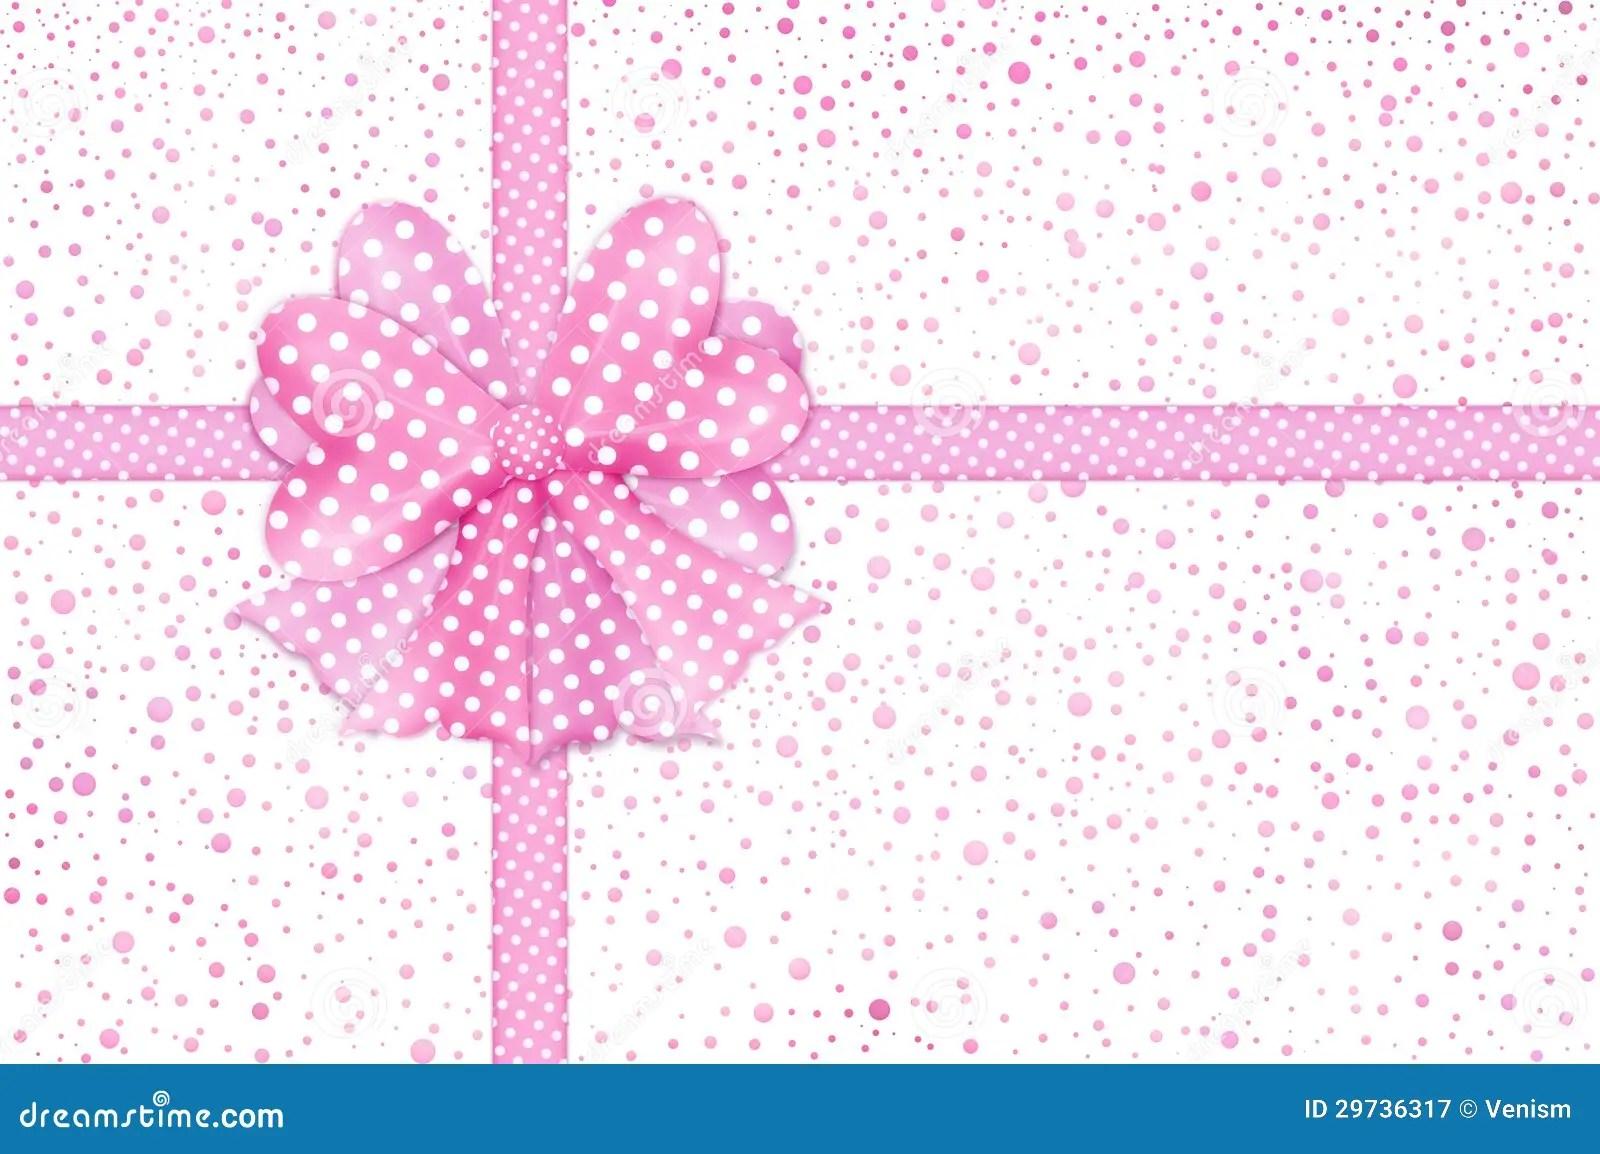 Cute Aqua Green Wallpaper Pink Gift Bow And Ribbons Card Royalty Free Stock